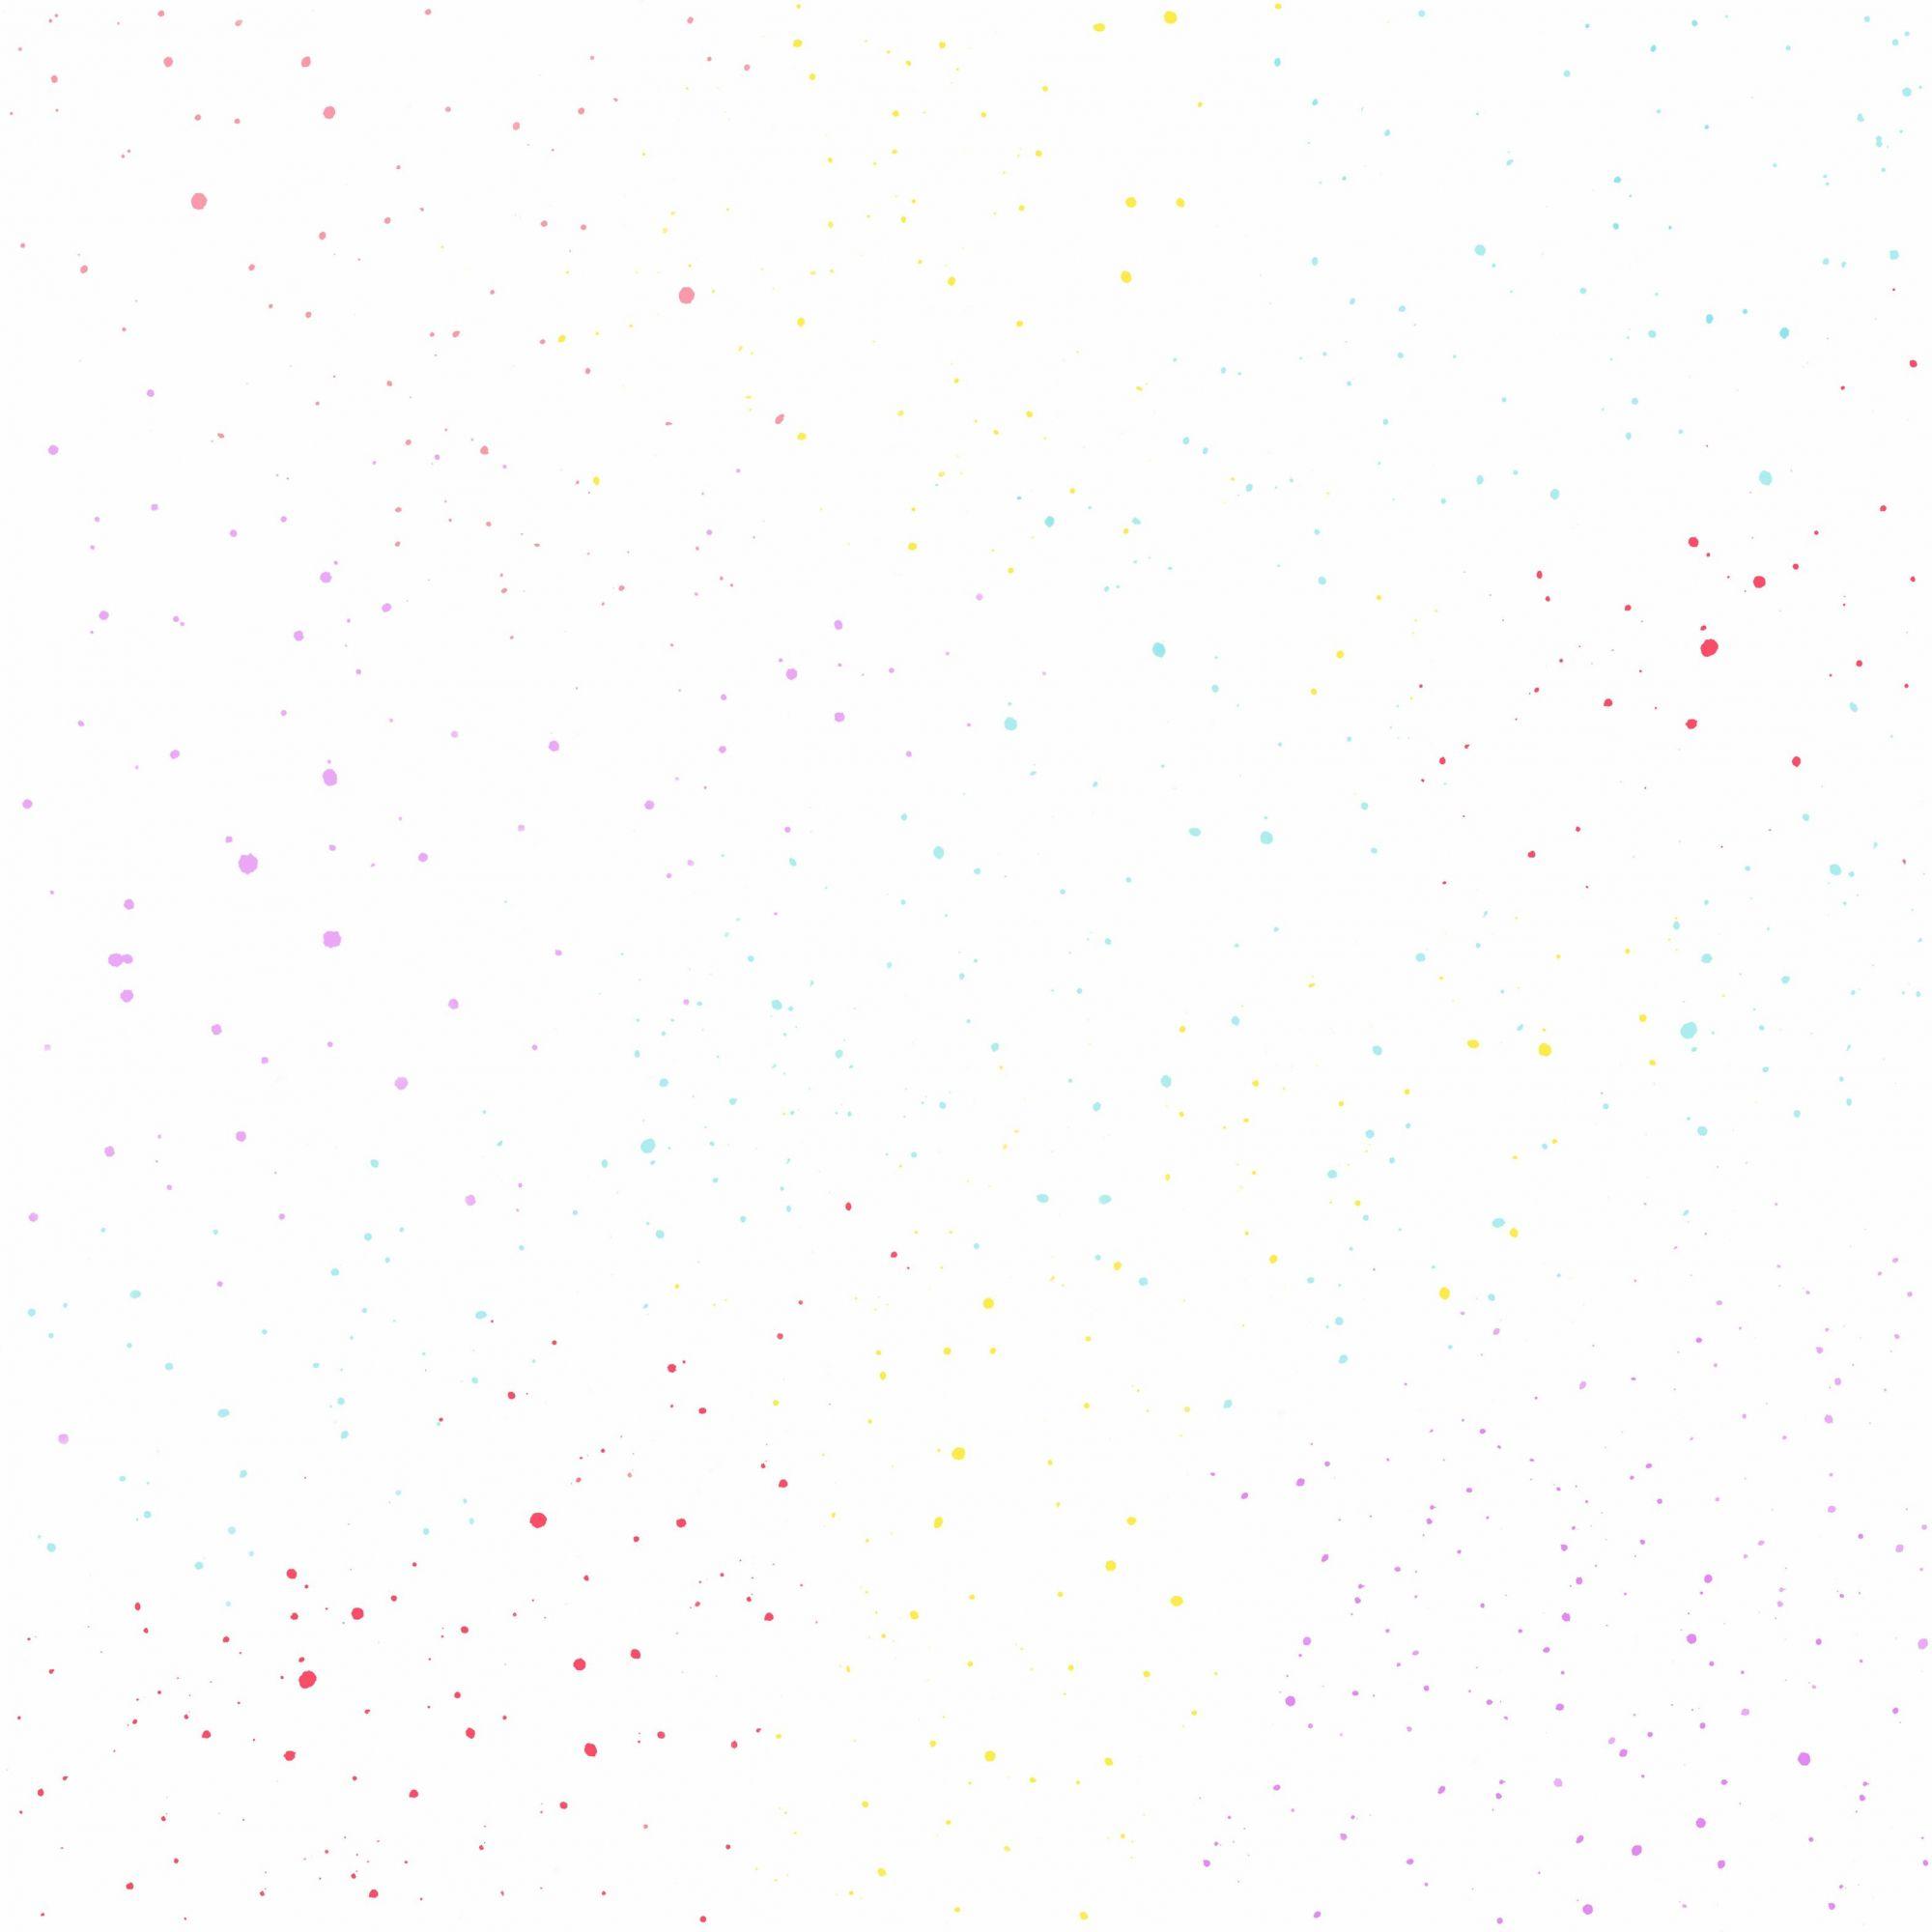 Papel de Parede Infantil Bobinex Coleção Brincar Poá Amarelo, Lilás, Azul